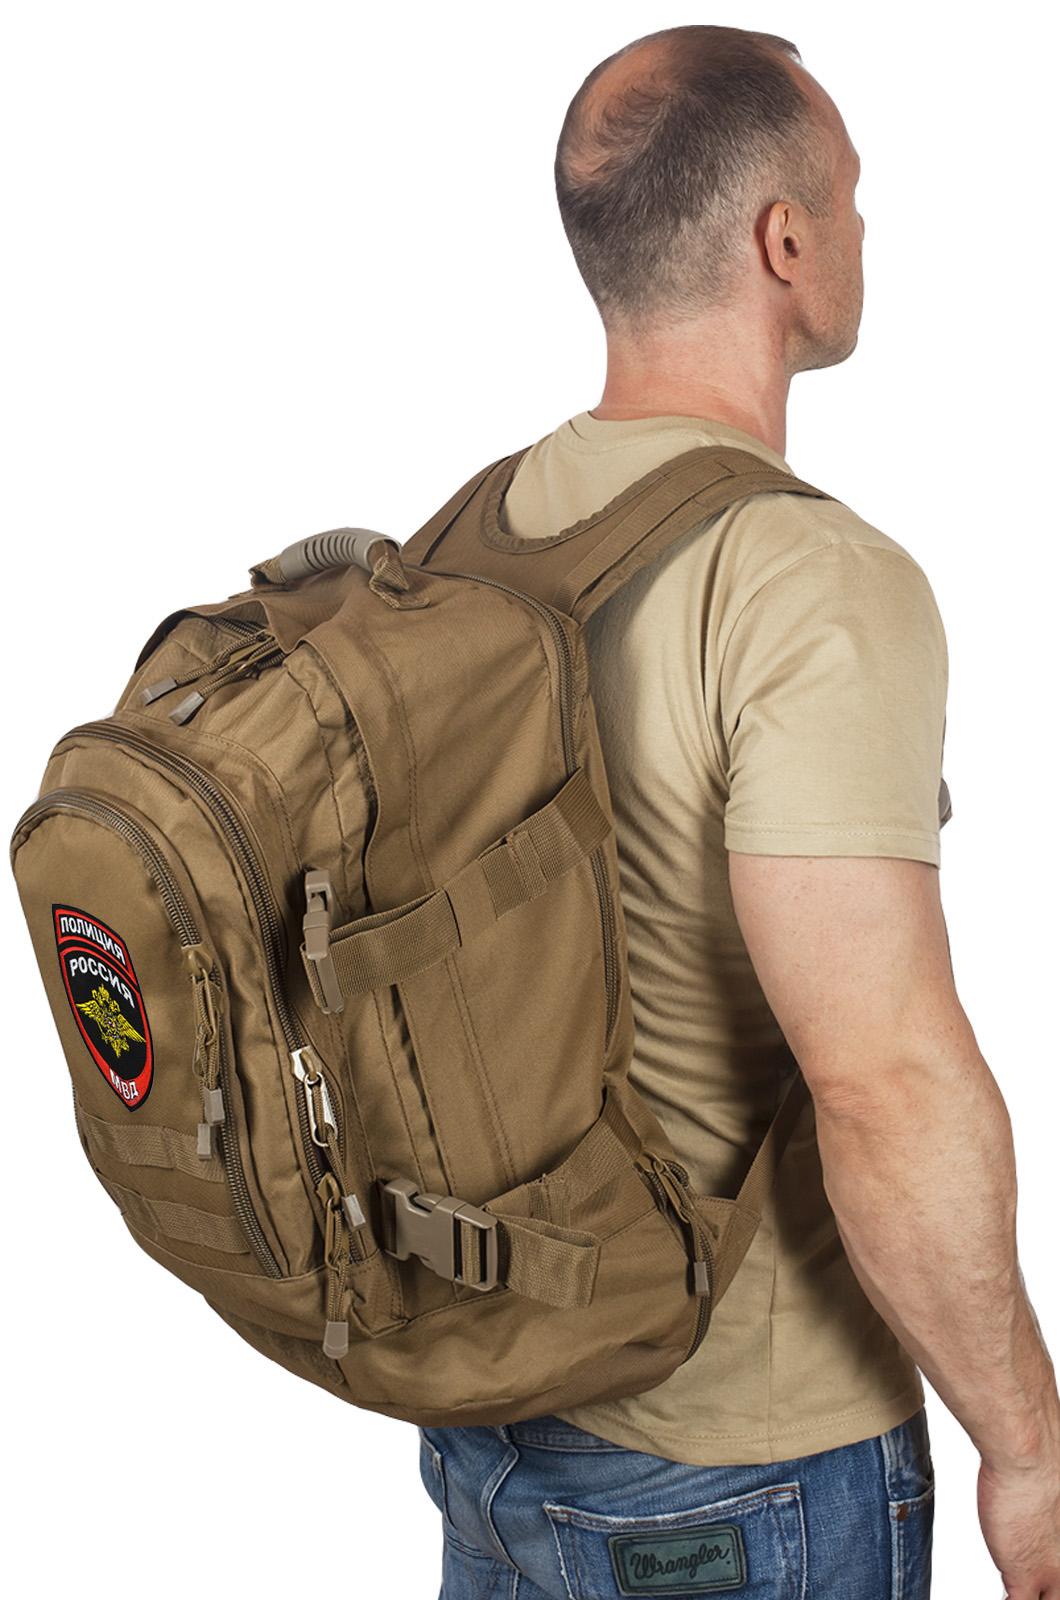 Вместительный тактический рюкзак с нашивкой Полиция России - купить онлайн